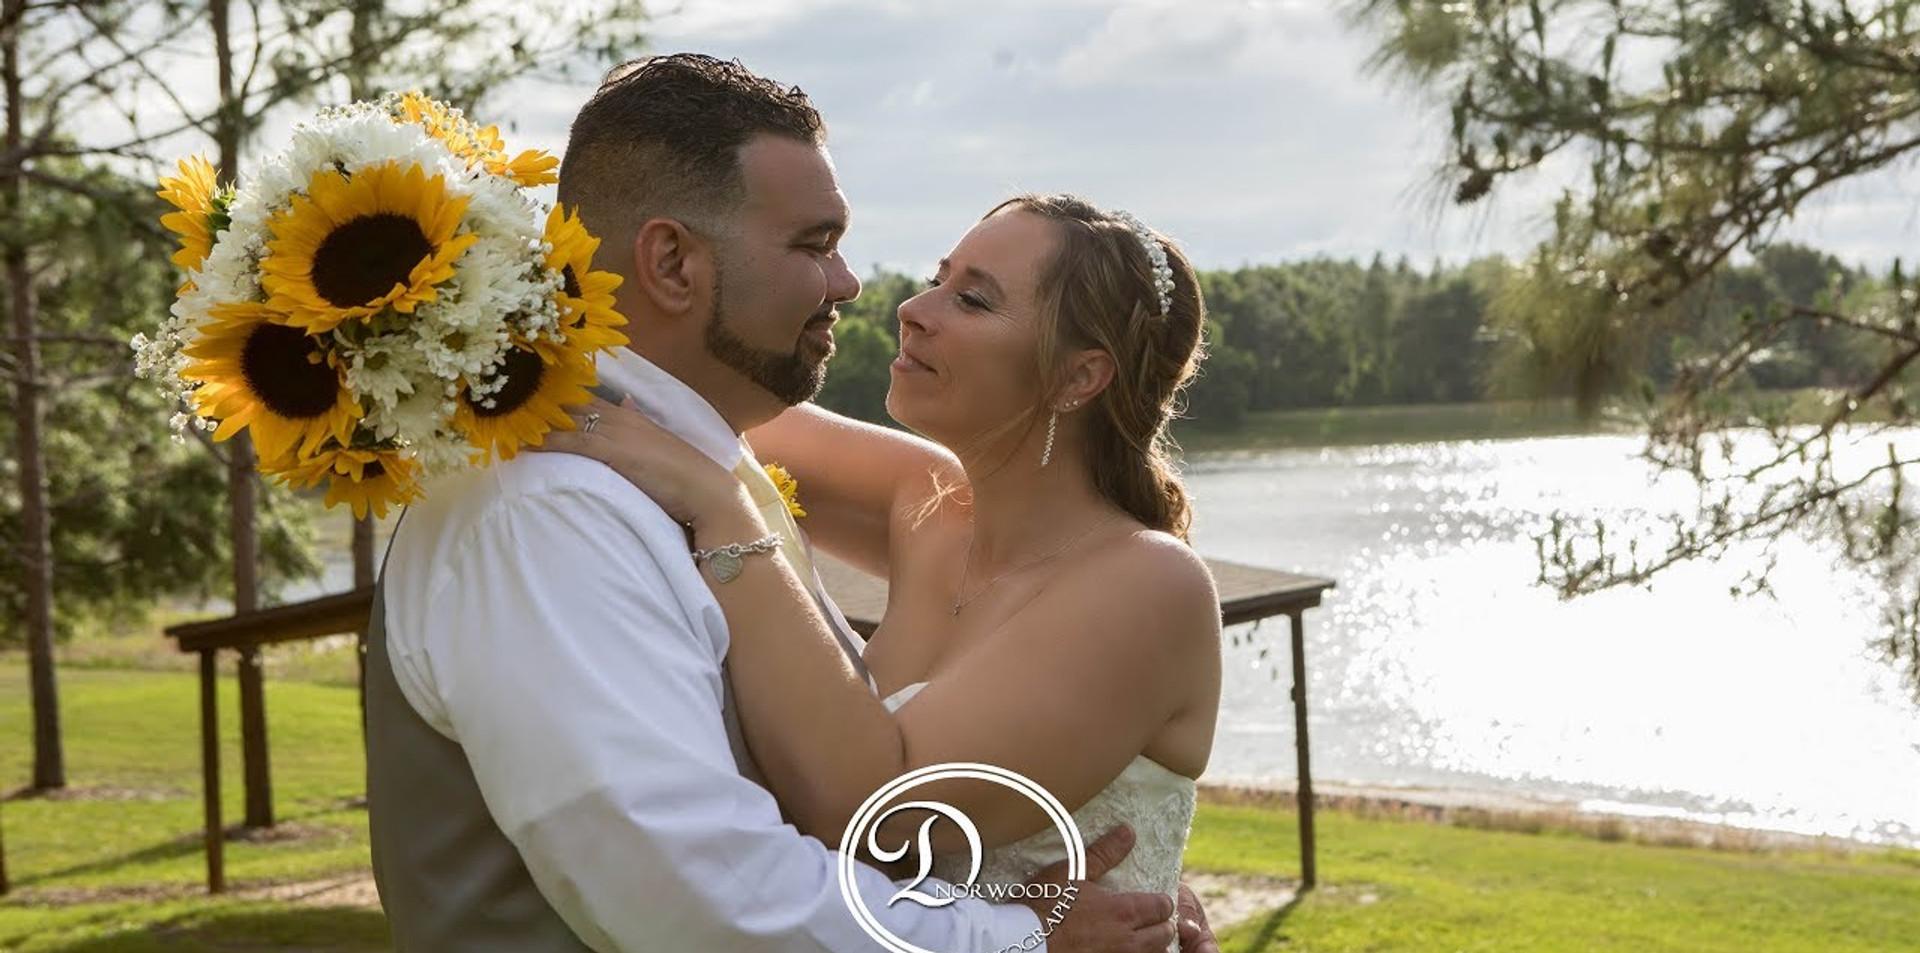 The Gudelanis Wedding Trailer | Isola Farms Groveland, FL